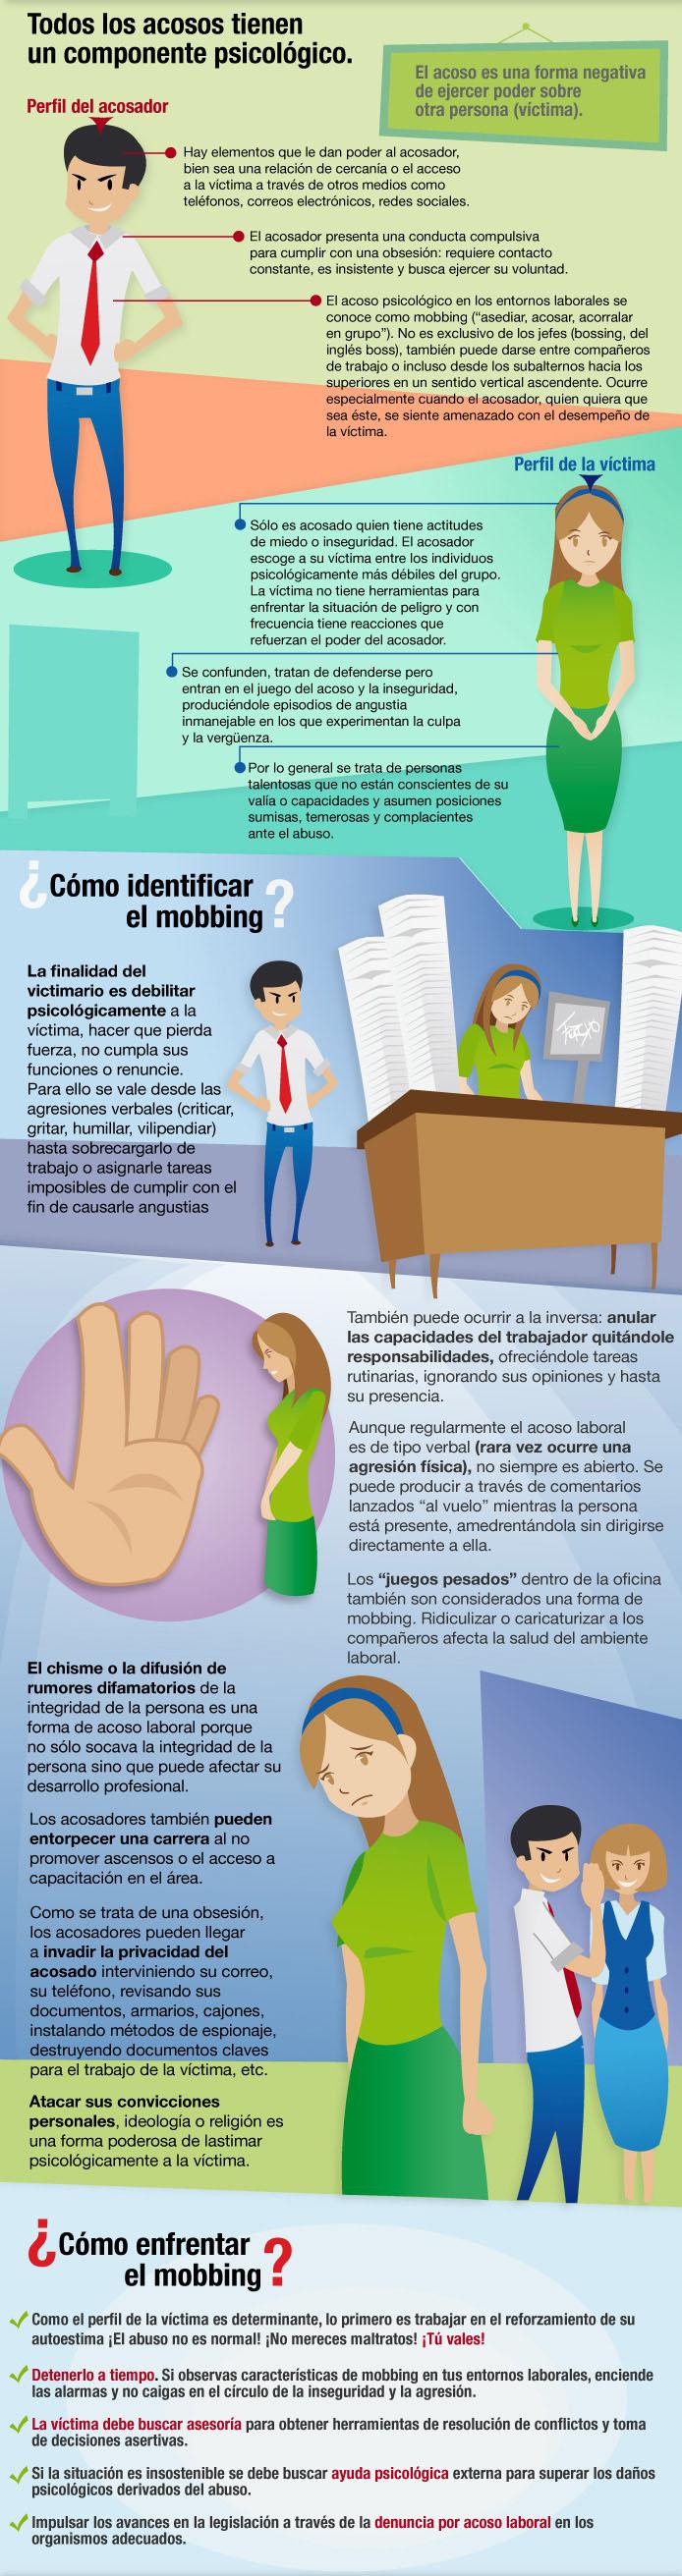 infografia mobbing acoso laboral